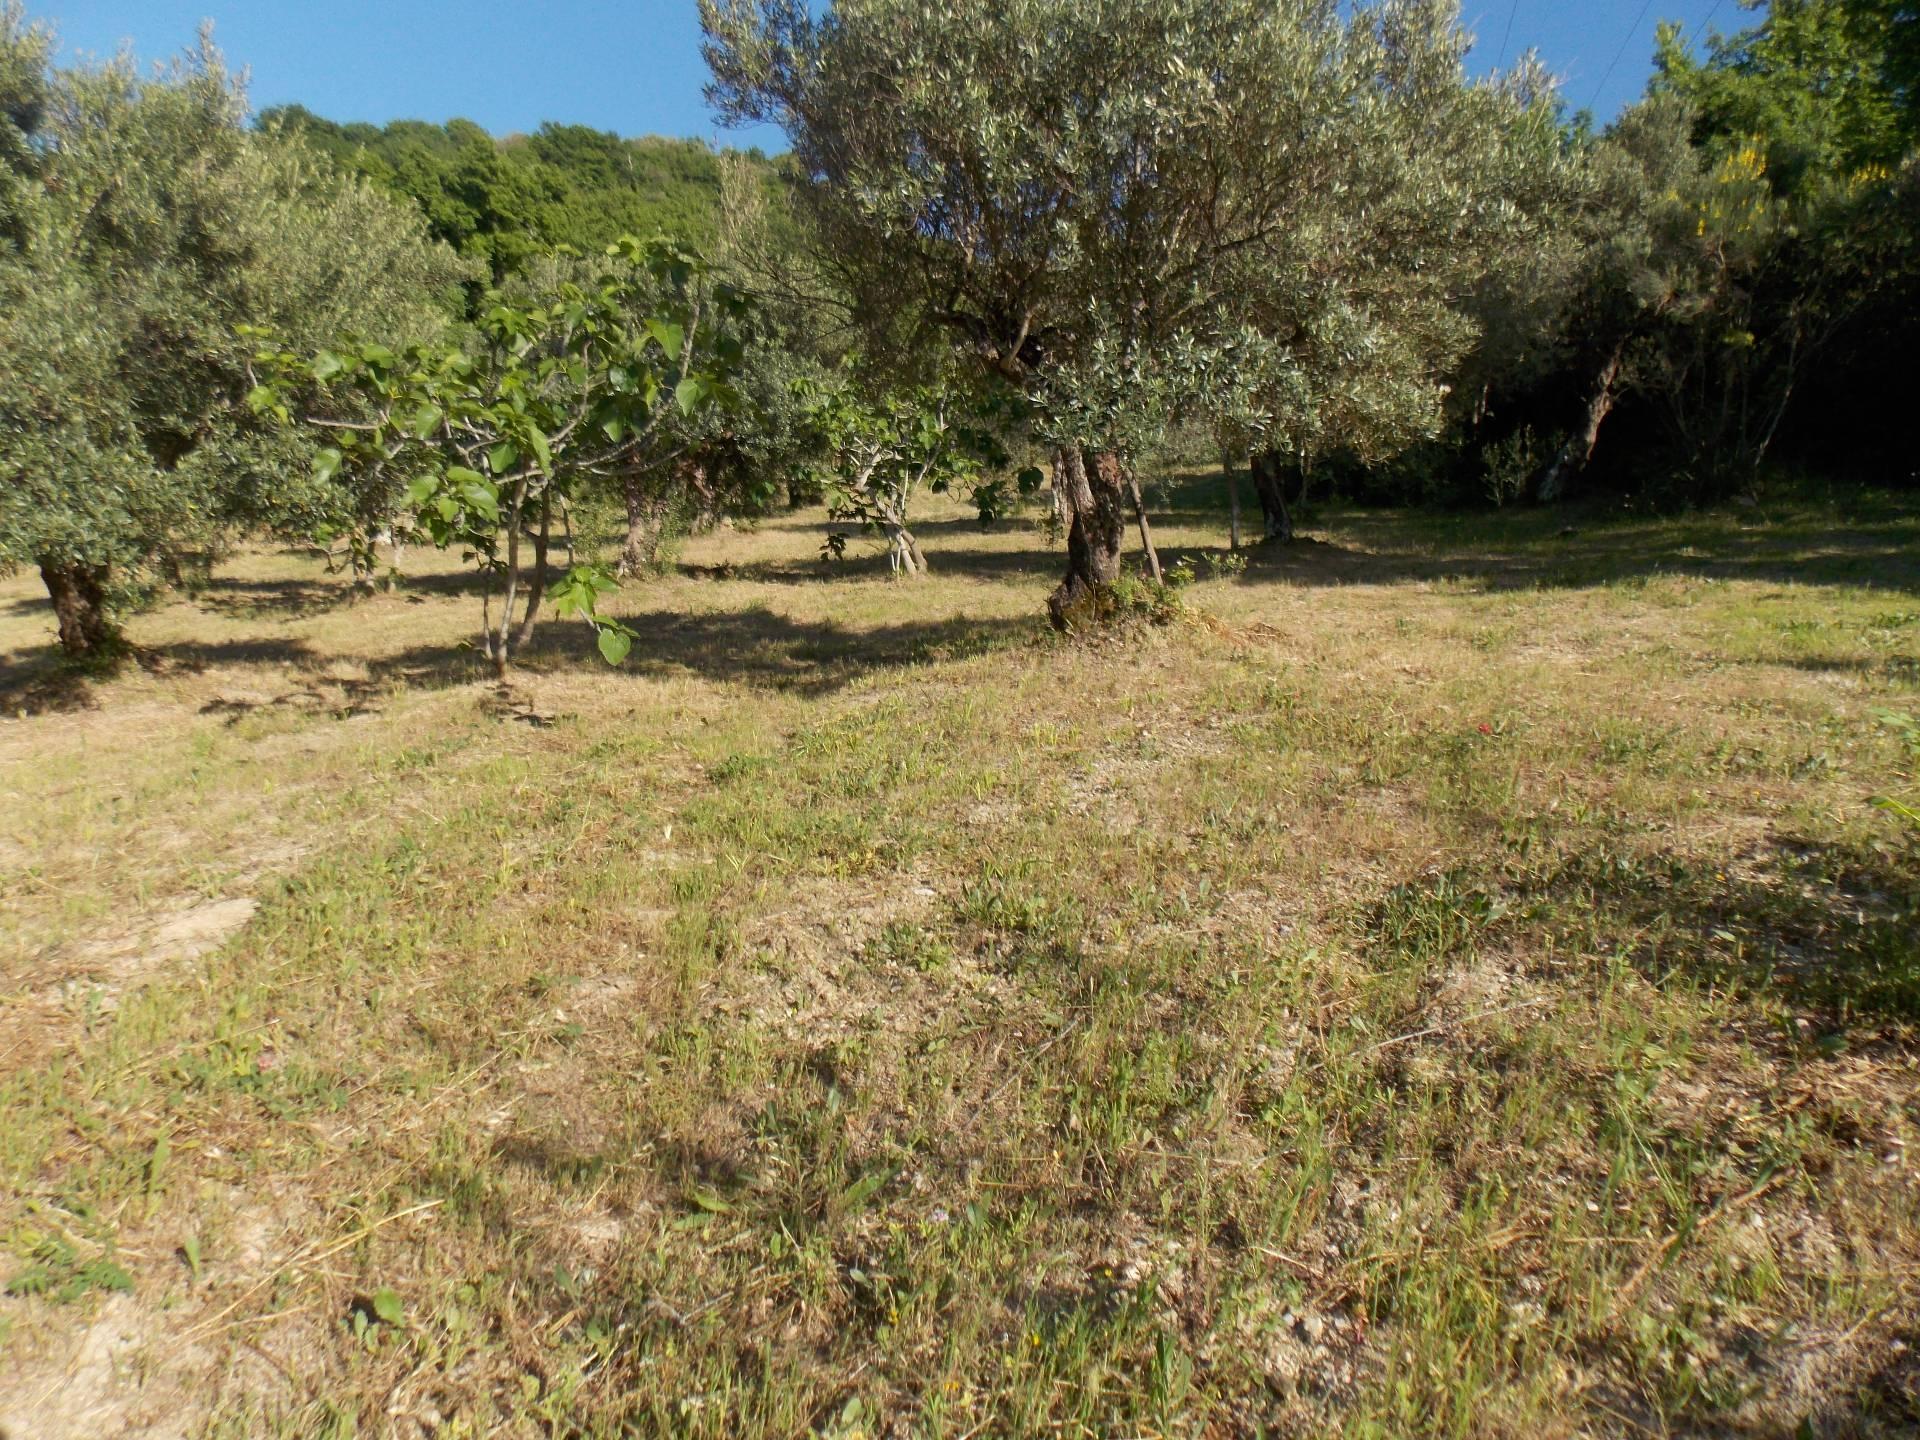 Terreno Agricolo in vendita a Torchiara, 9999 locali, prezzo € 75.000 | CambioCasa.it